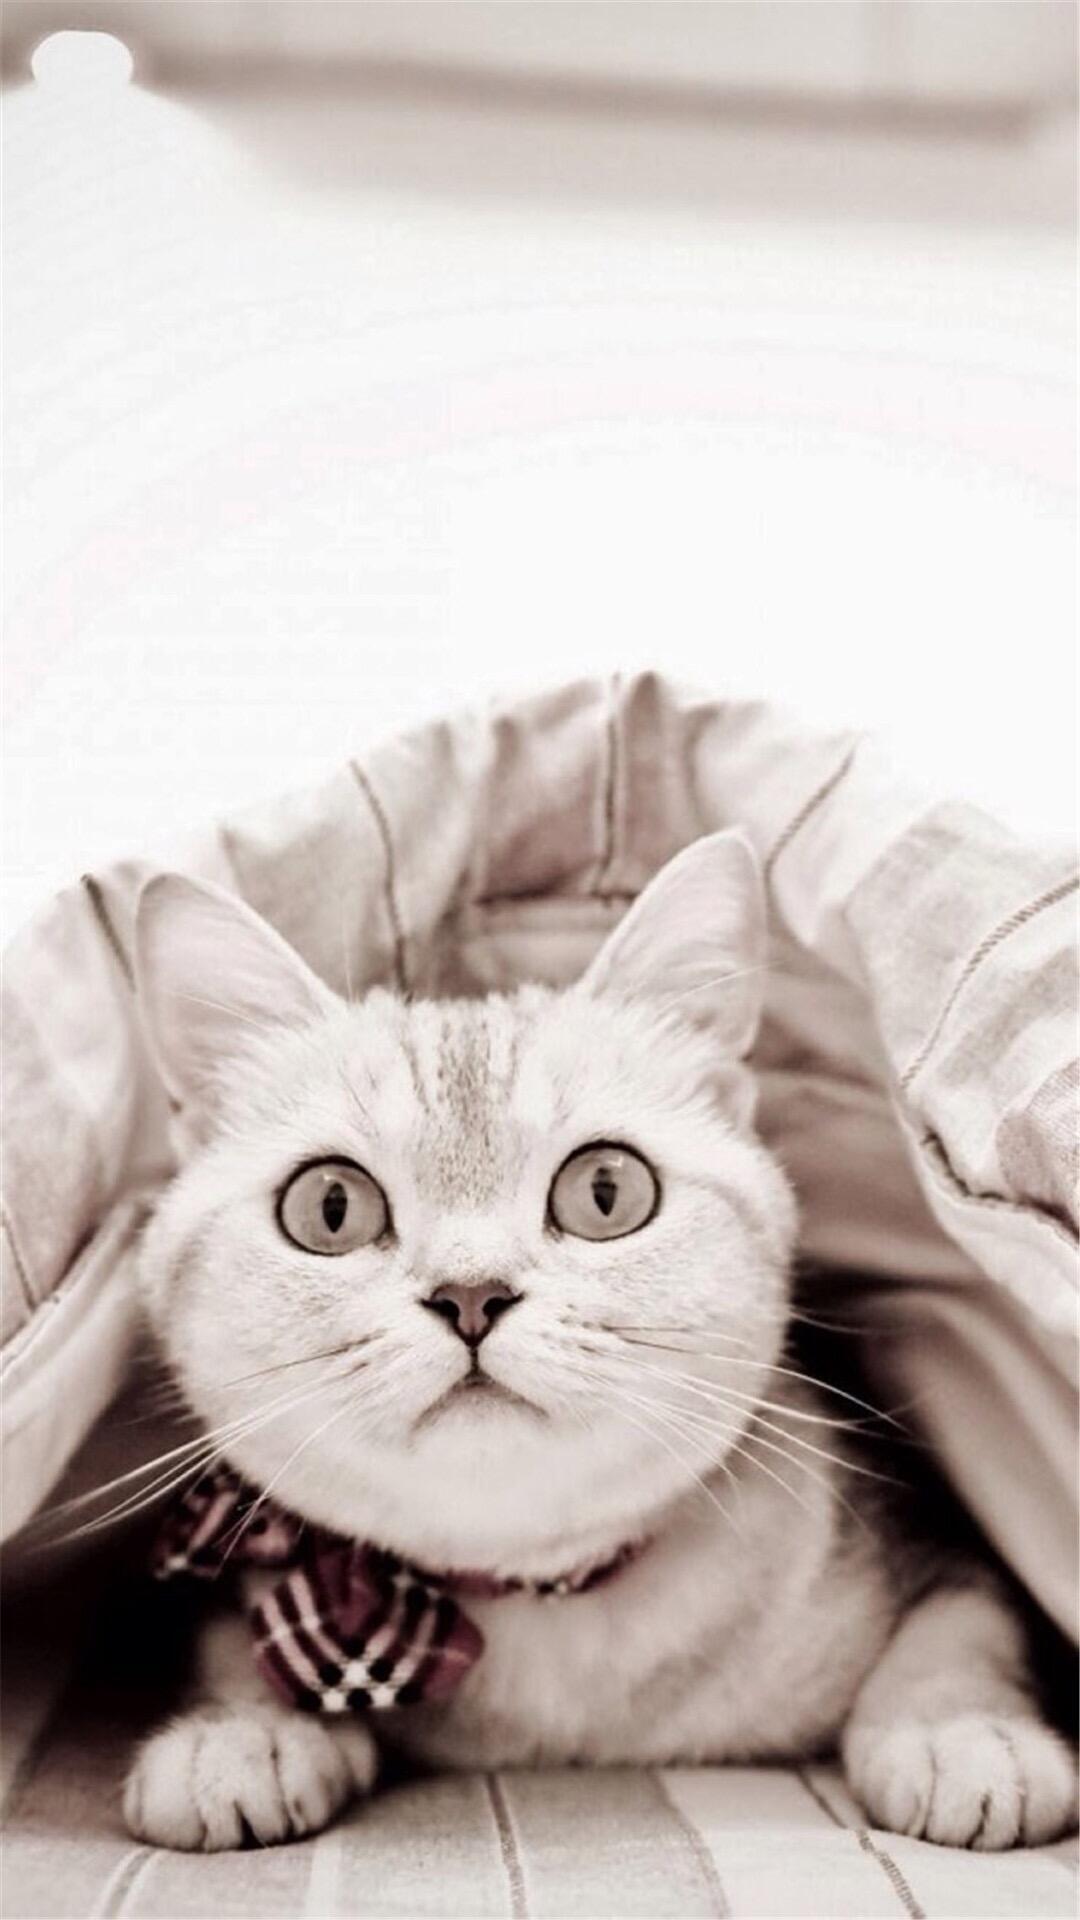 可爱的猫咪壁纸~希望您能够喜欢